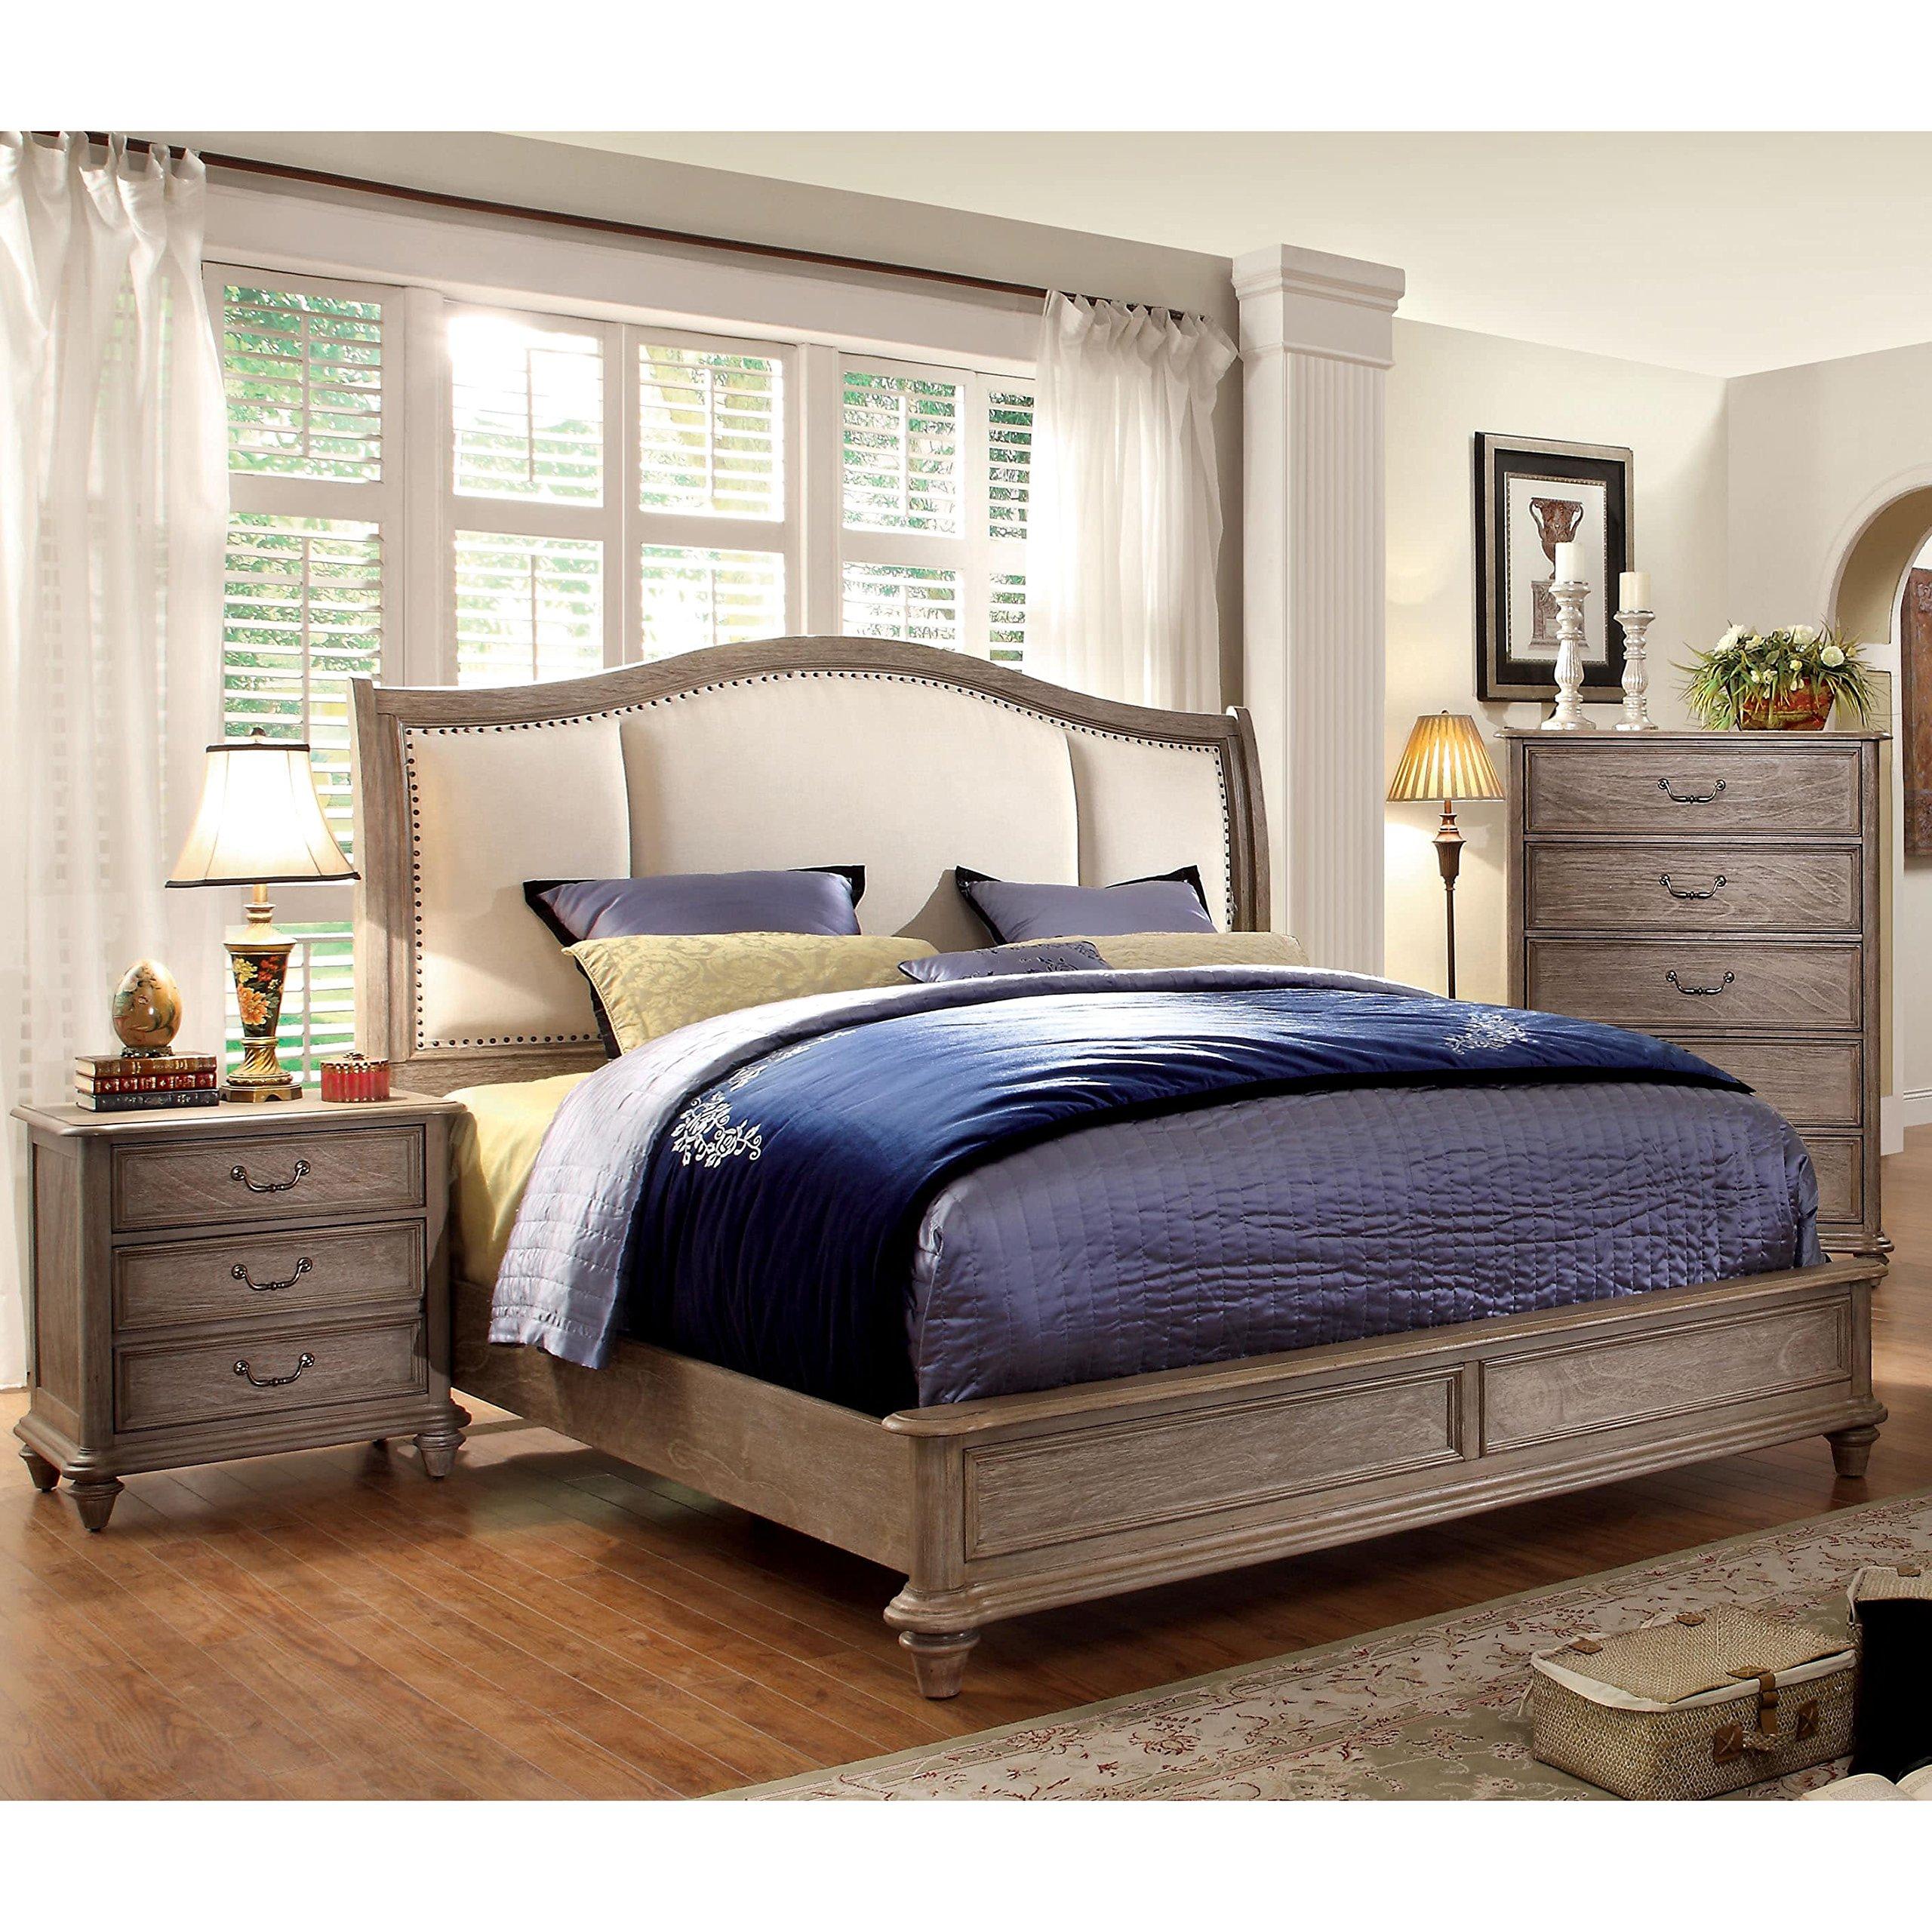 Furniture of America Minka II Rustic Grey 2-Piece Bed with Nightstand Set Queen